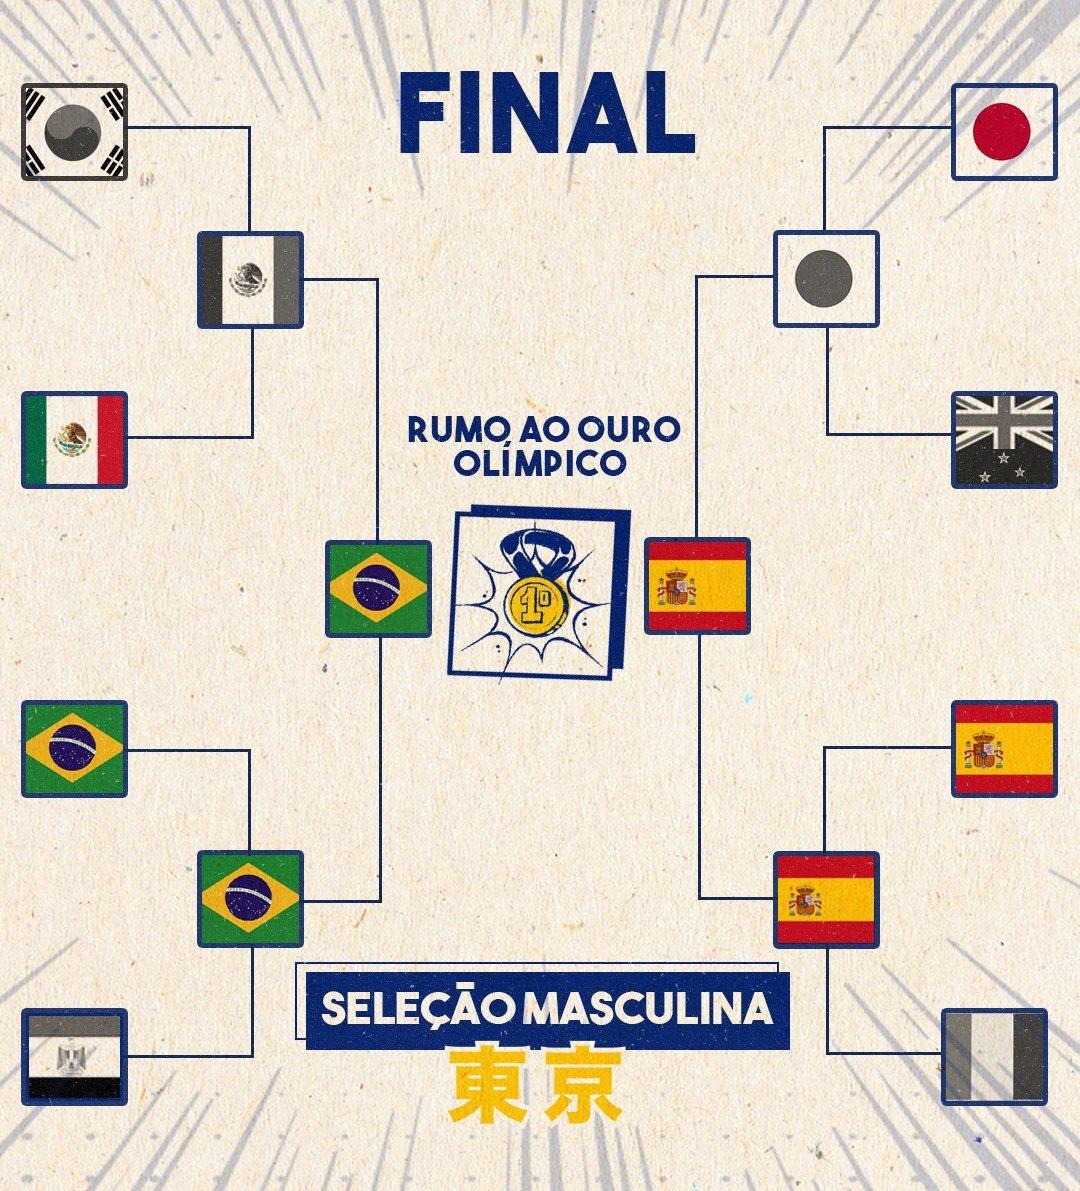 Brazil - Olumpics final